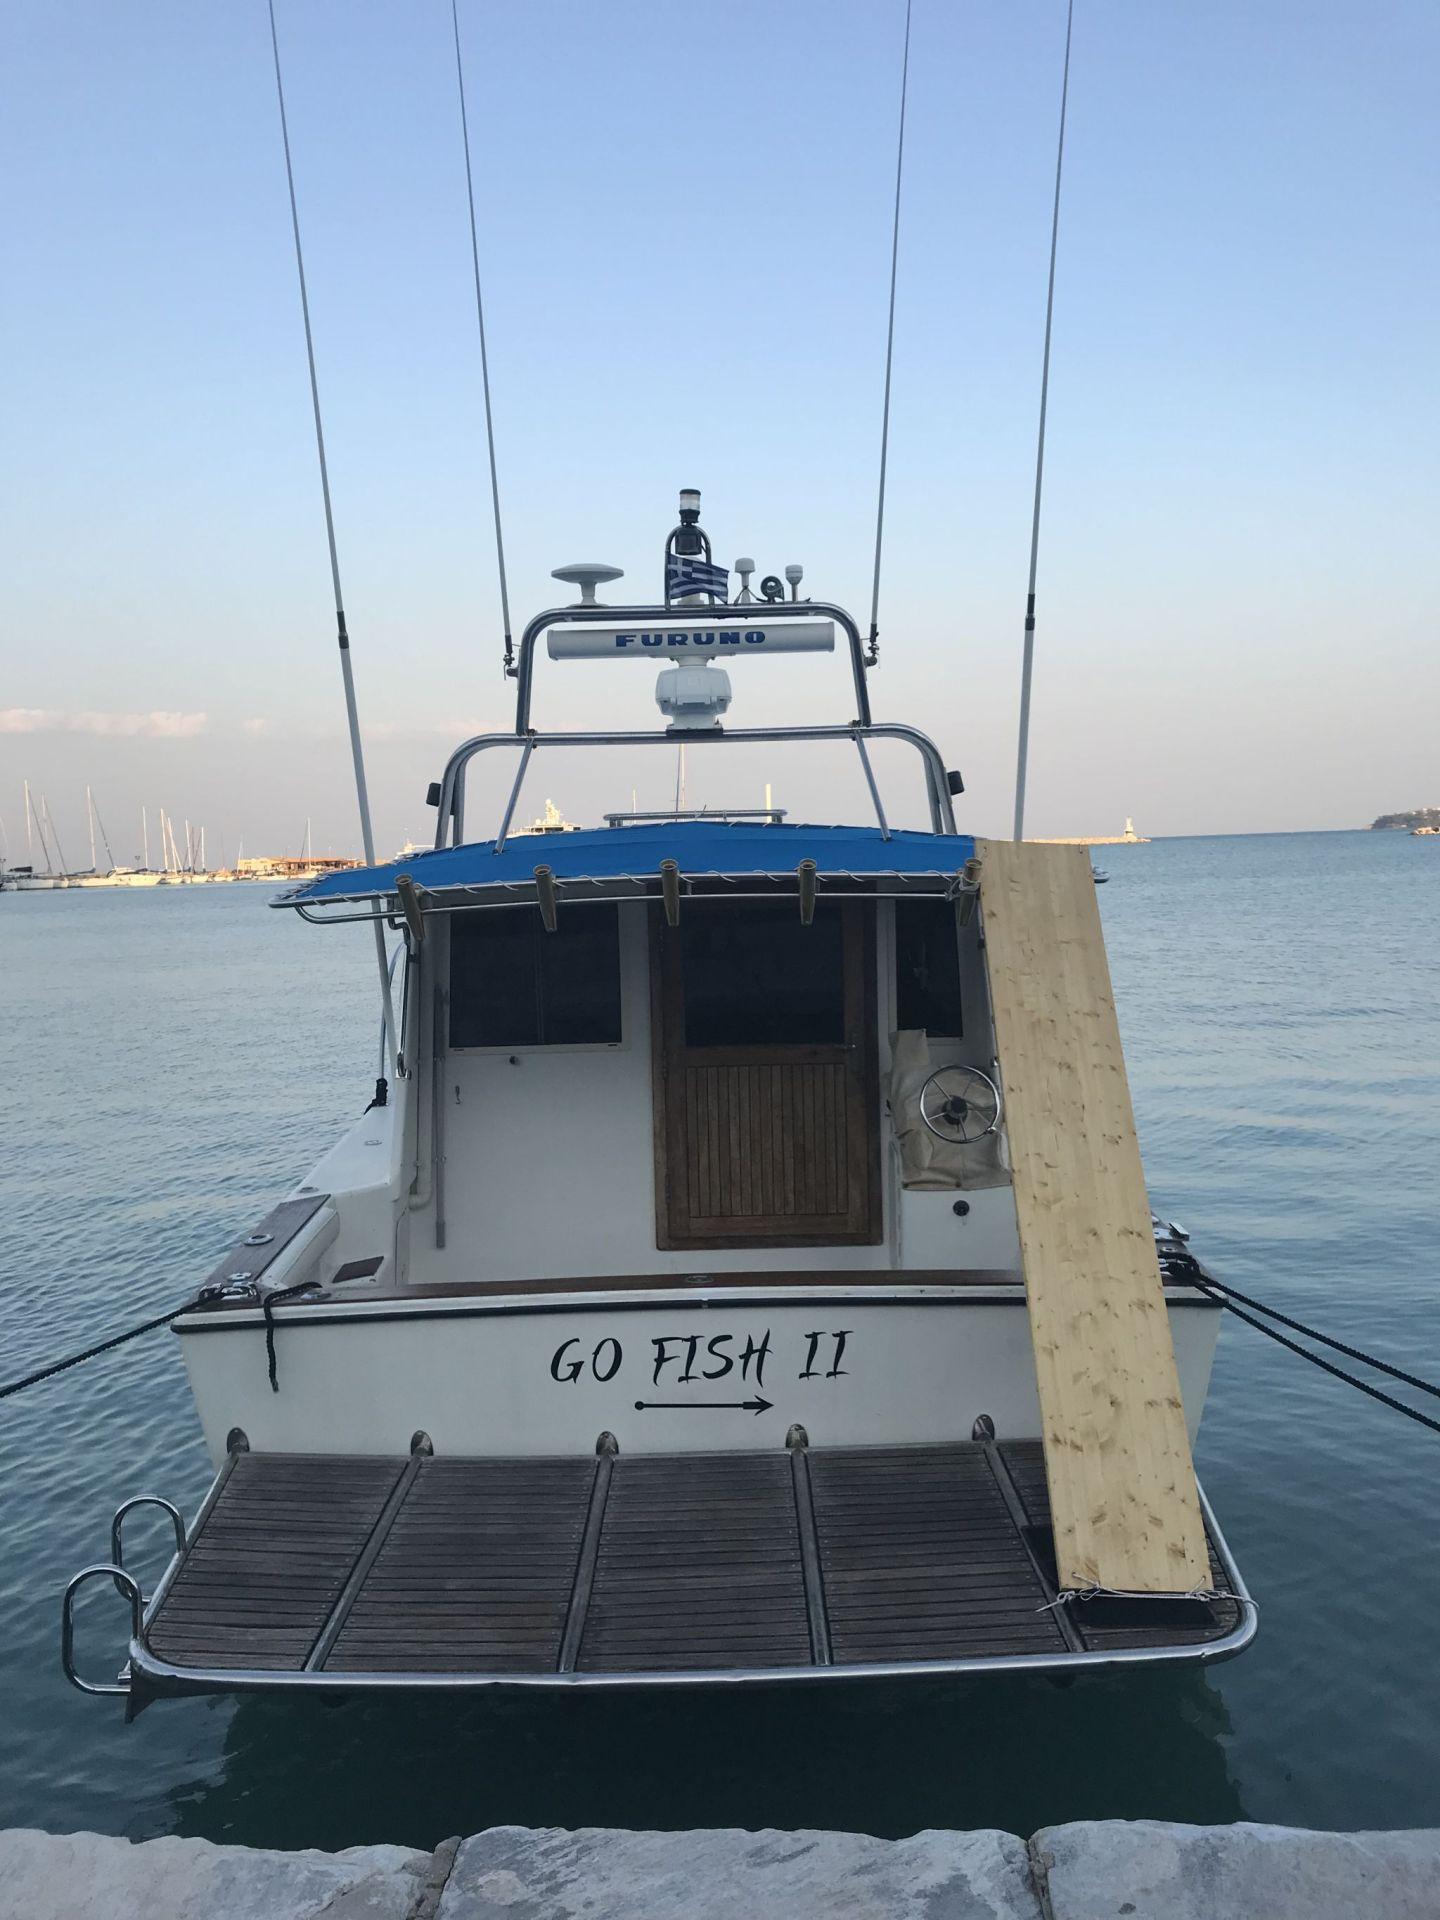 Go Fish II in Zante Greece